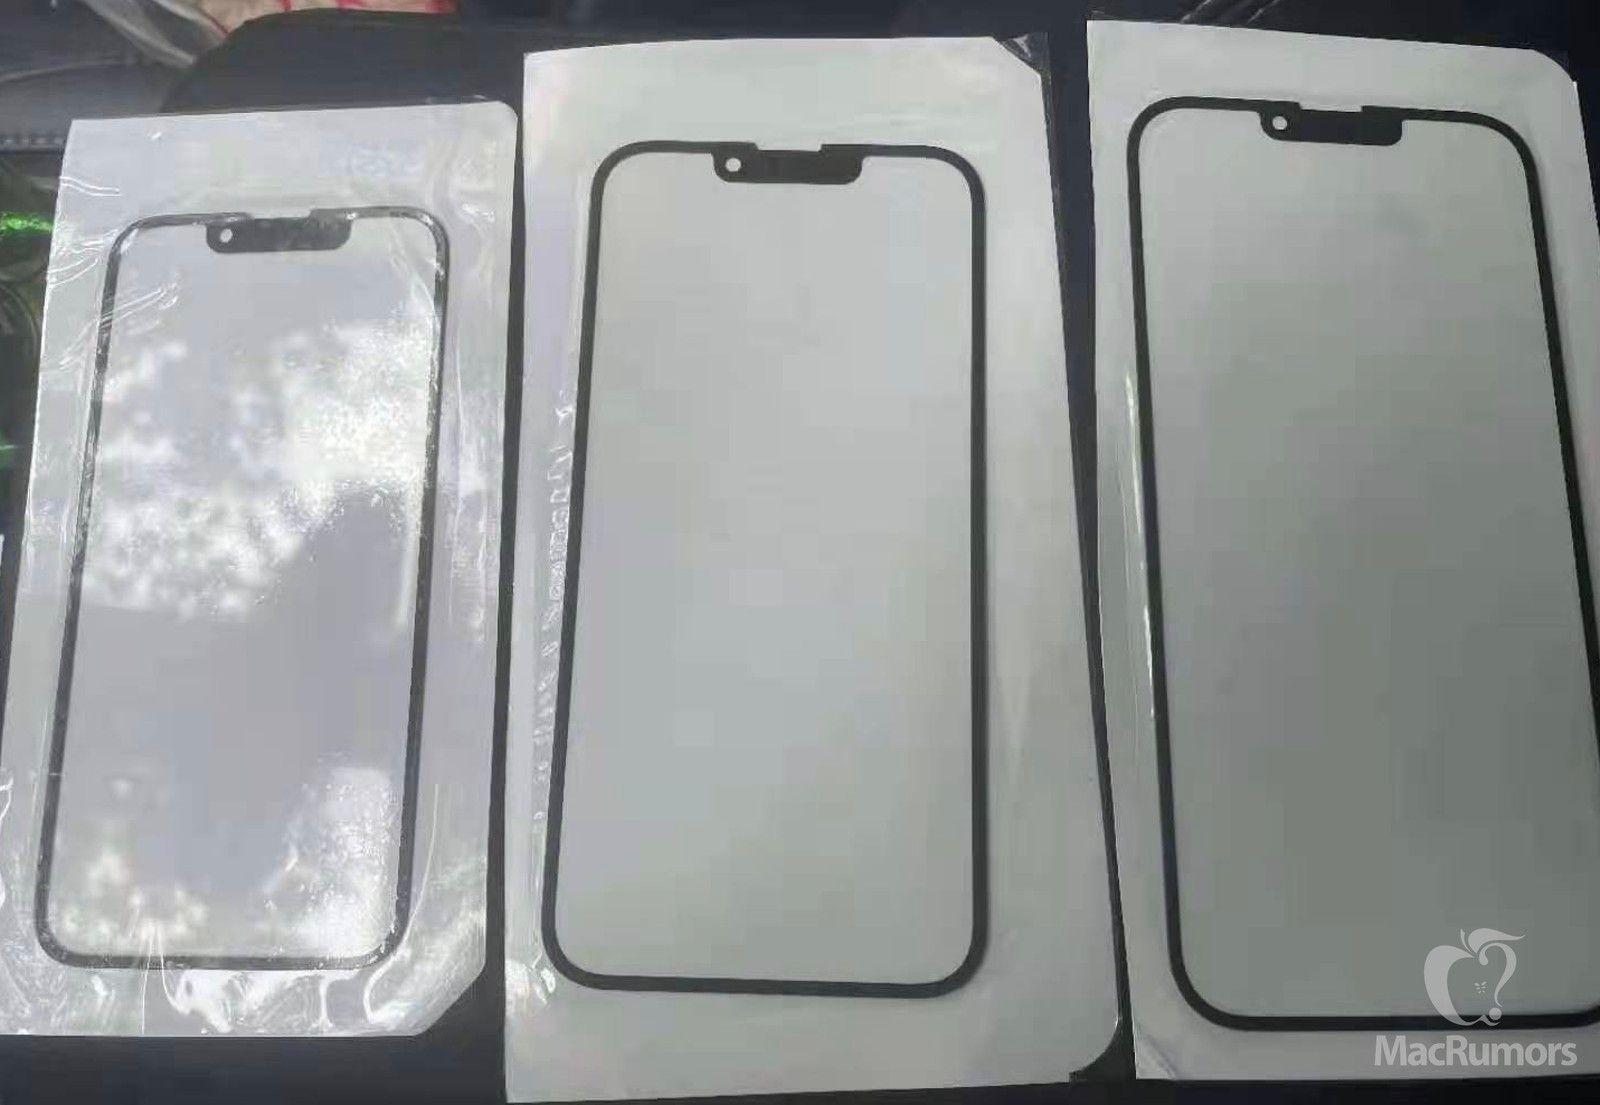 Imagem do alegado vidro do iPhone 13 (ou 12s) partilhada pela MacRumors